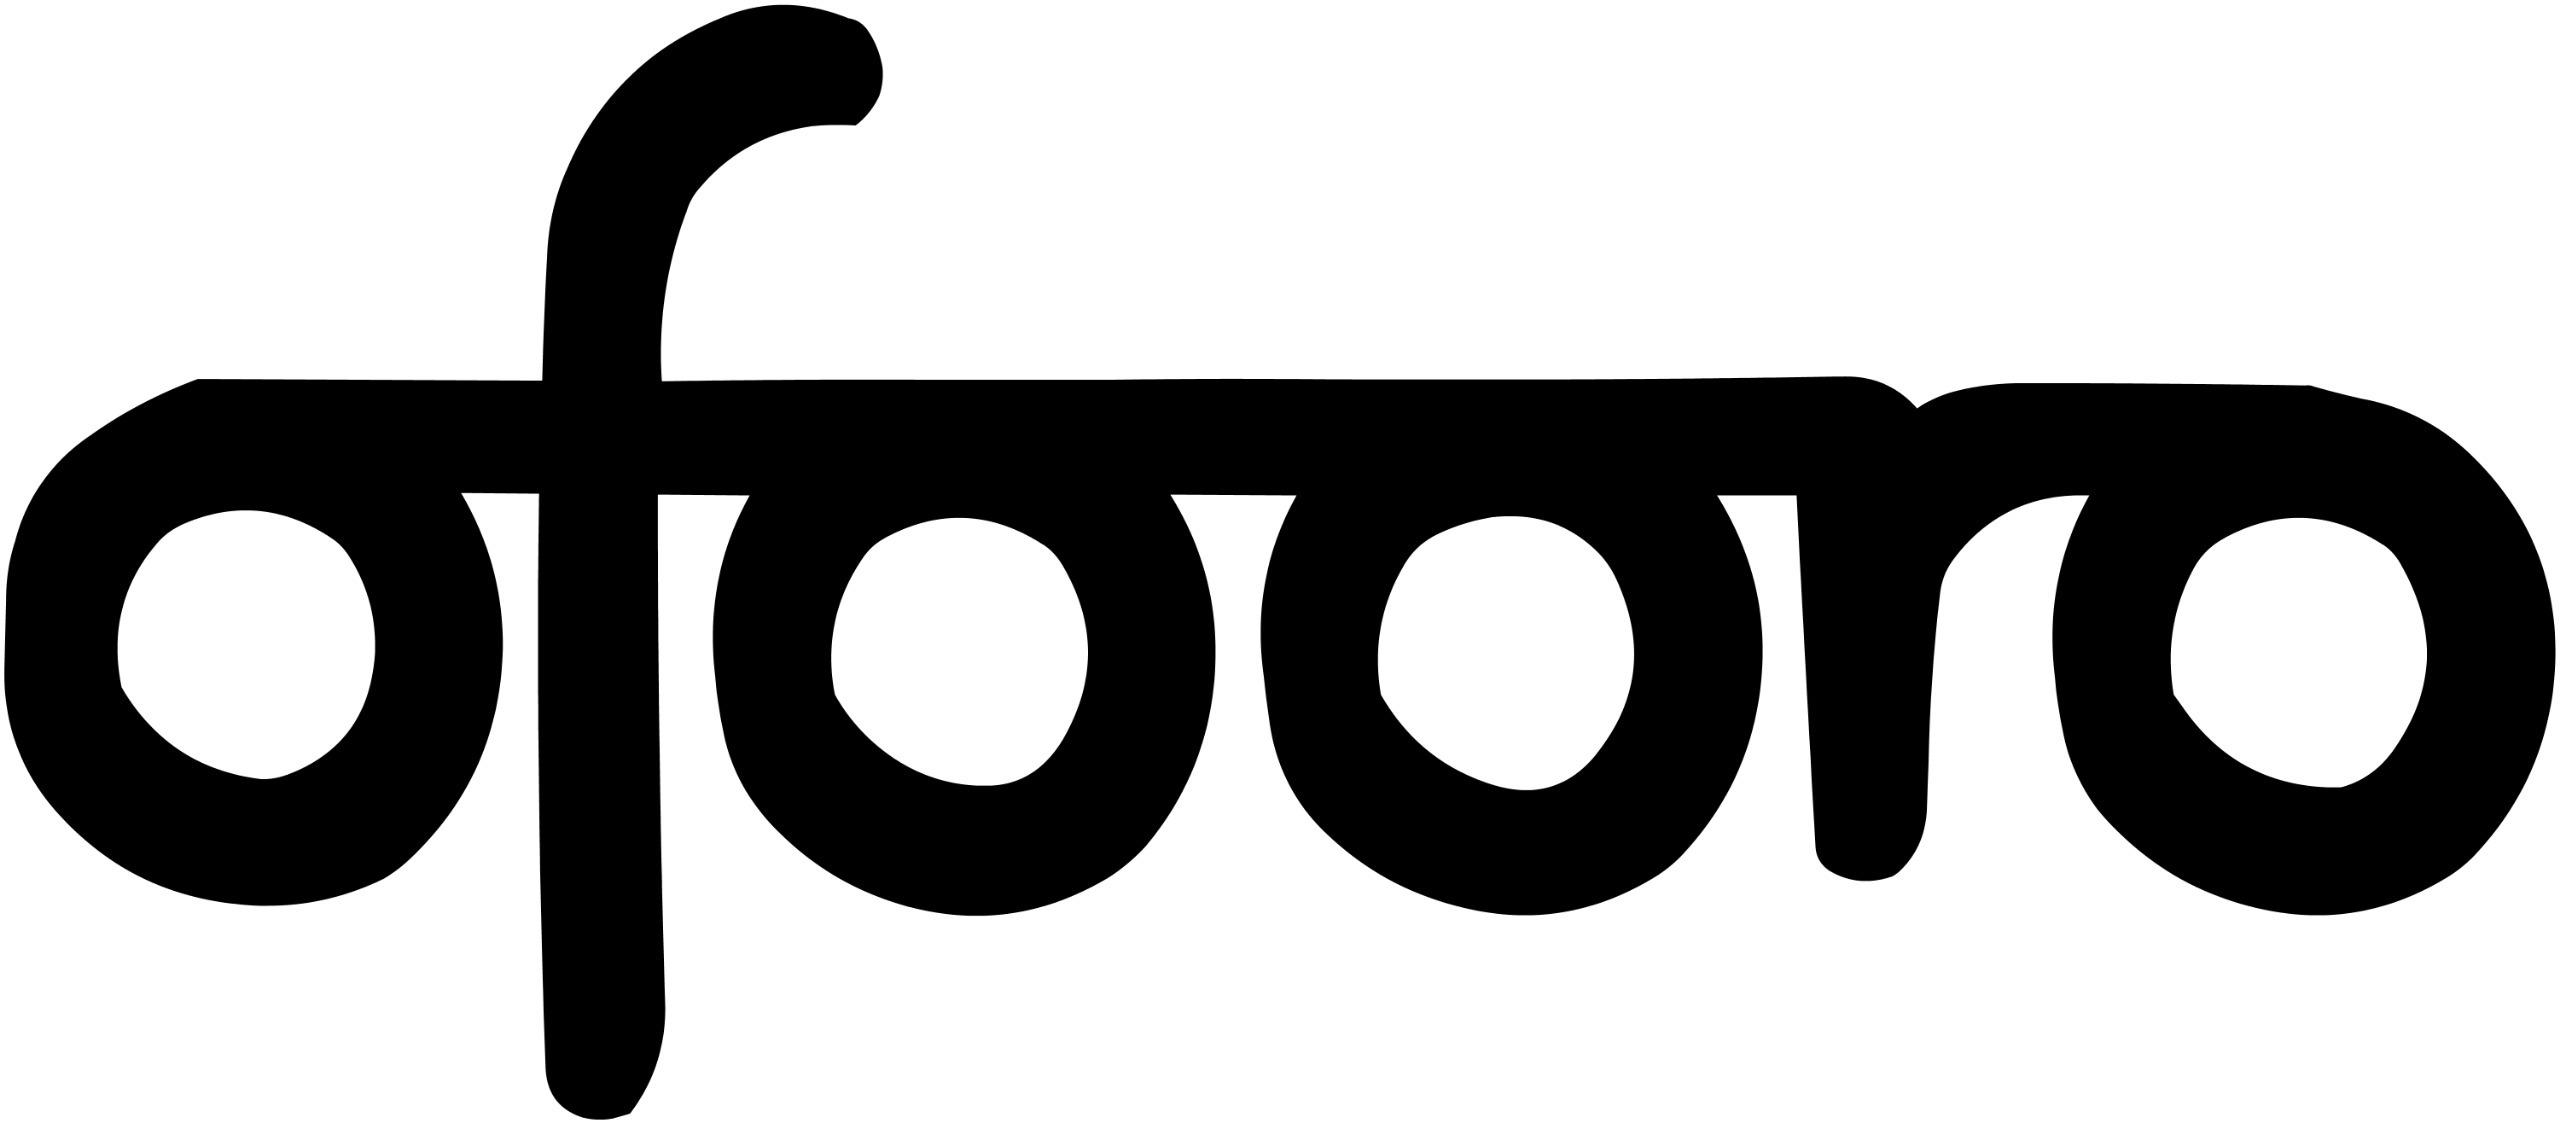 Ofooro (@ofooro) Cover Image